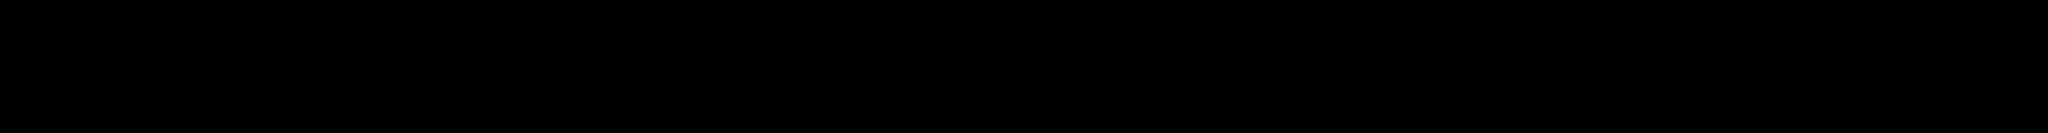 gray-divider